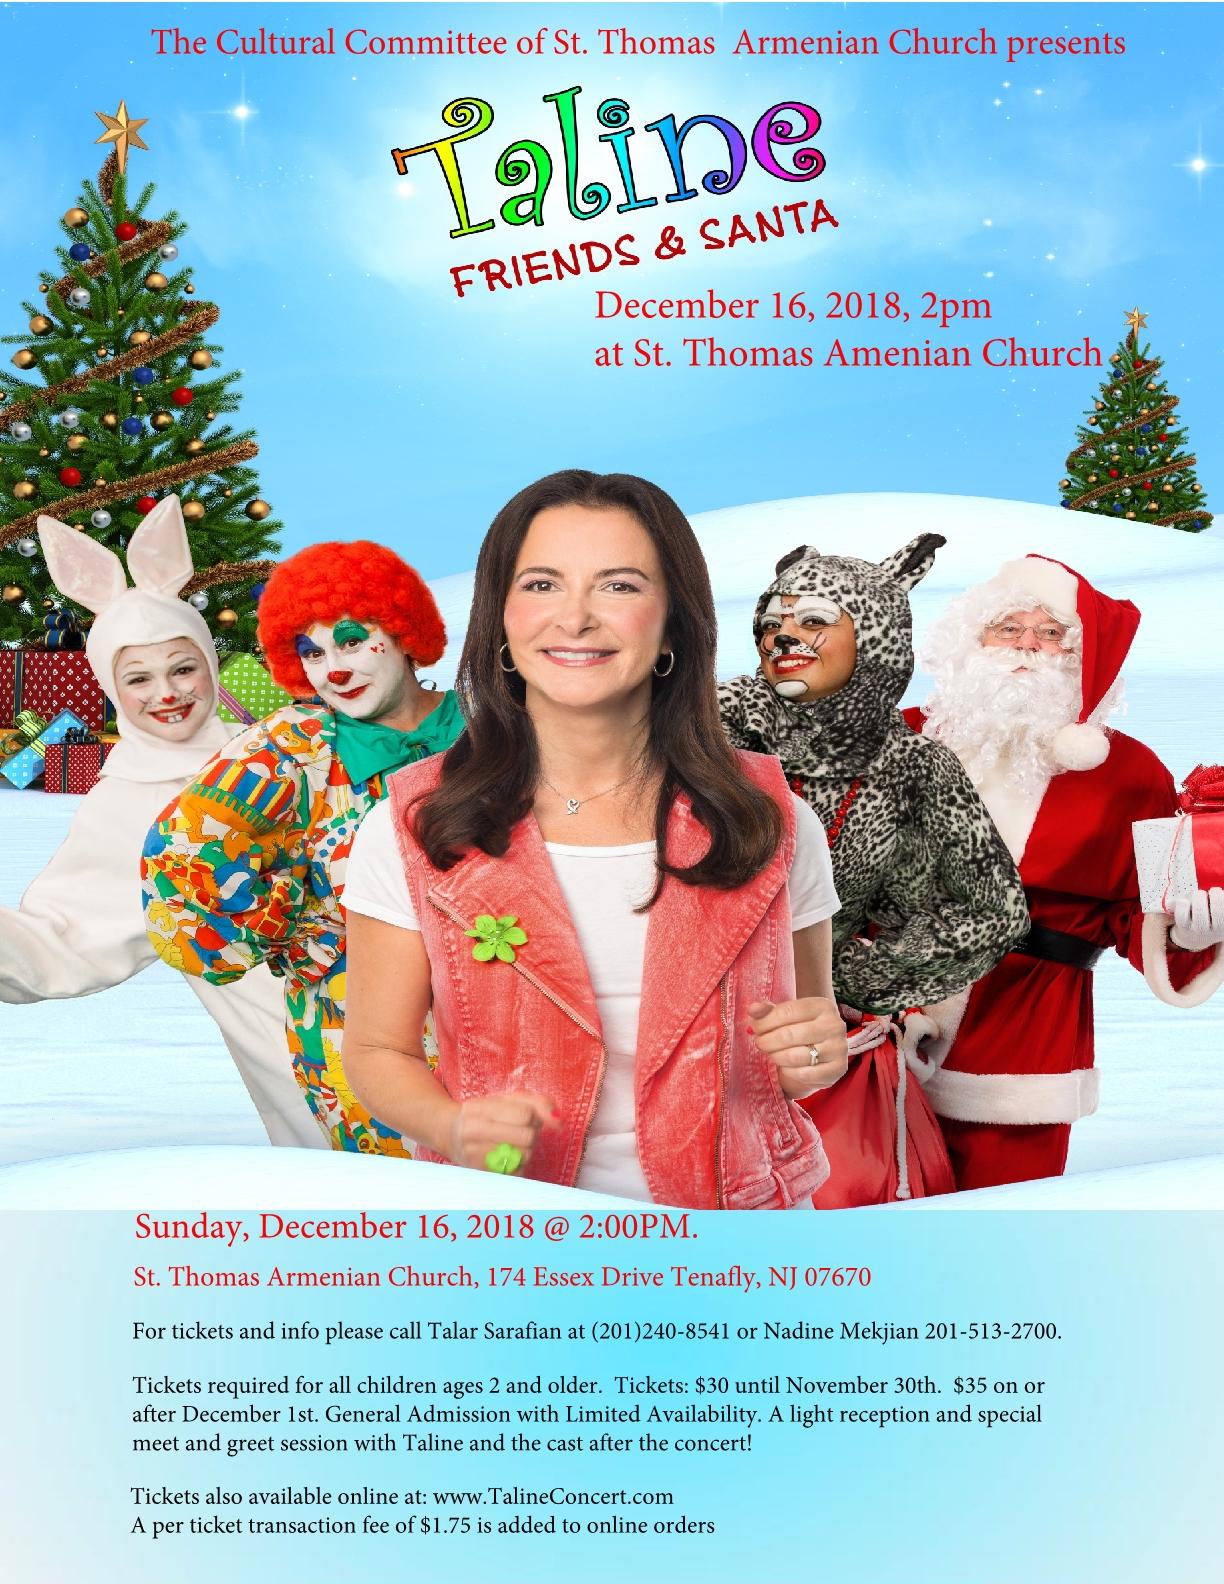 Taline Christmas show flyer 5 small1 - The Armenian Church